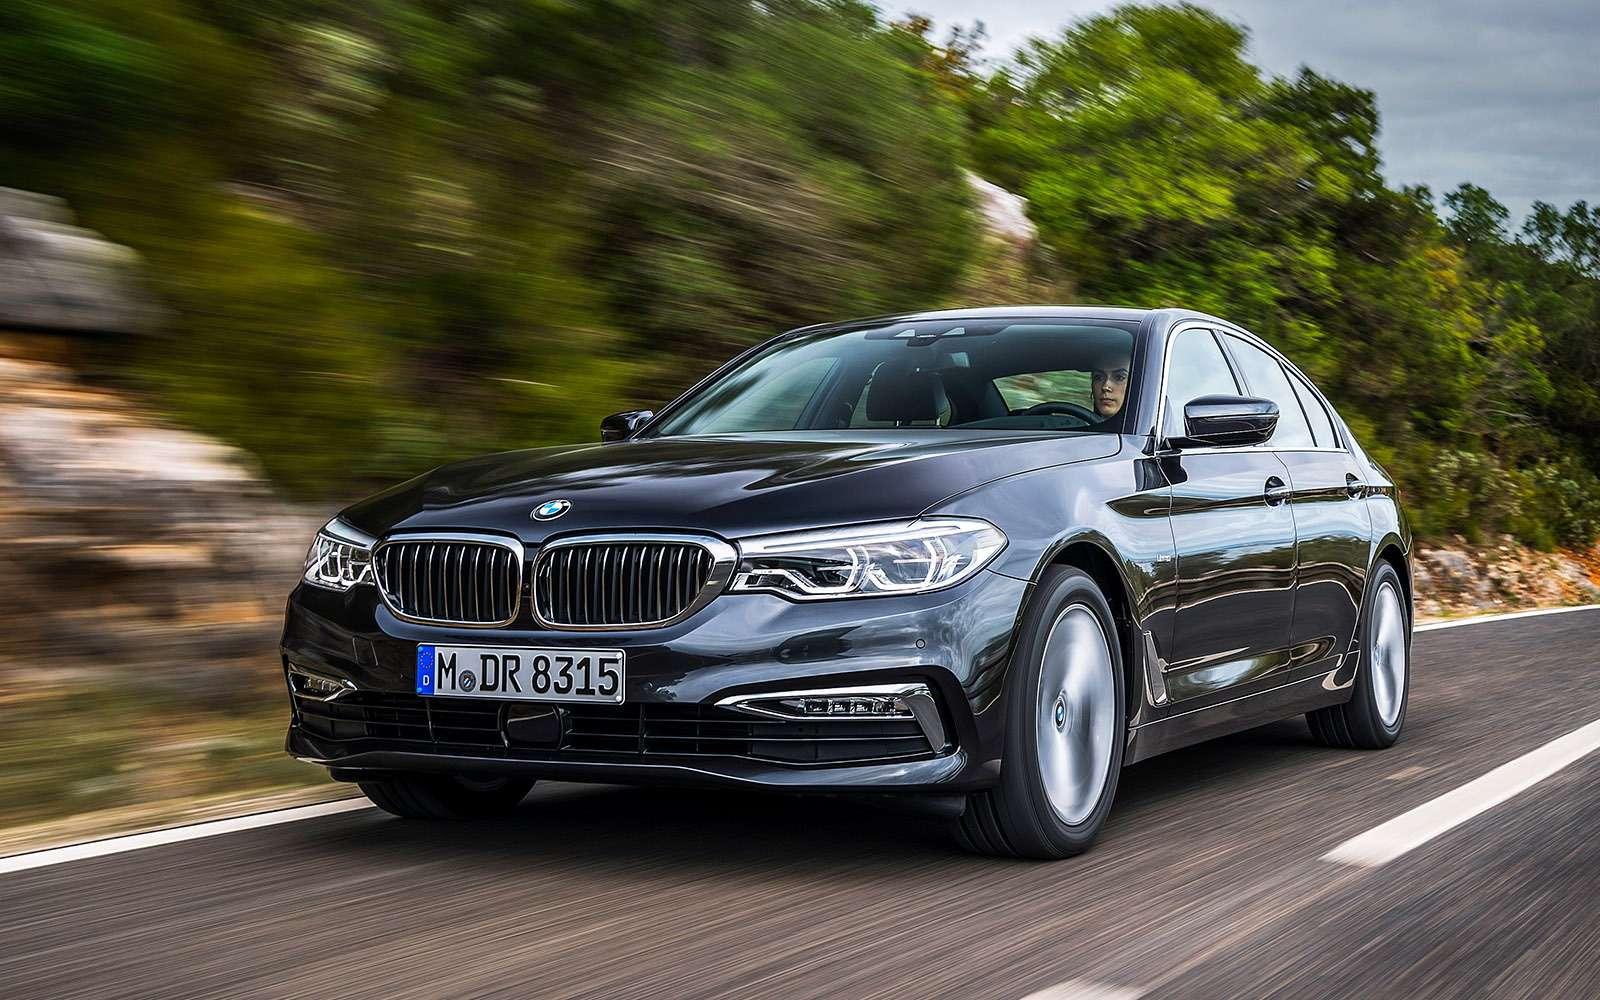 BMWнестанет прекращать поставки машин из-за ЭРА-ГЛОНАСС— фото 694163